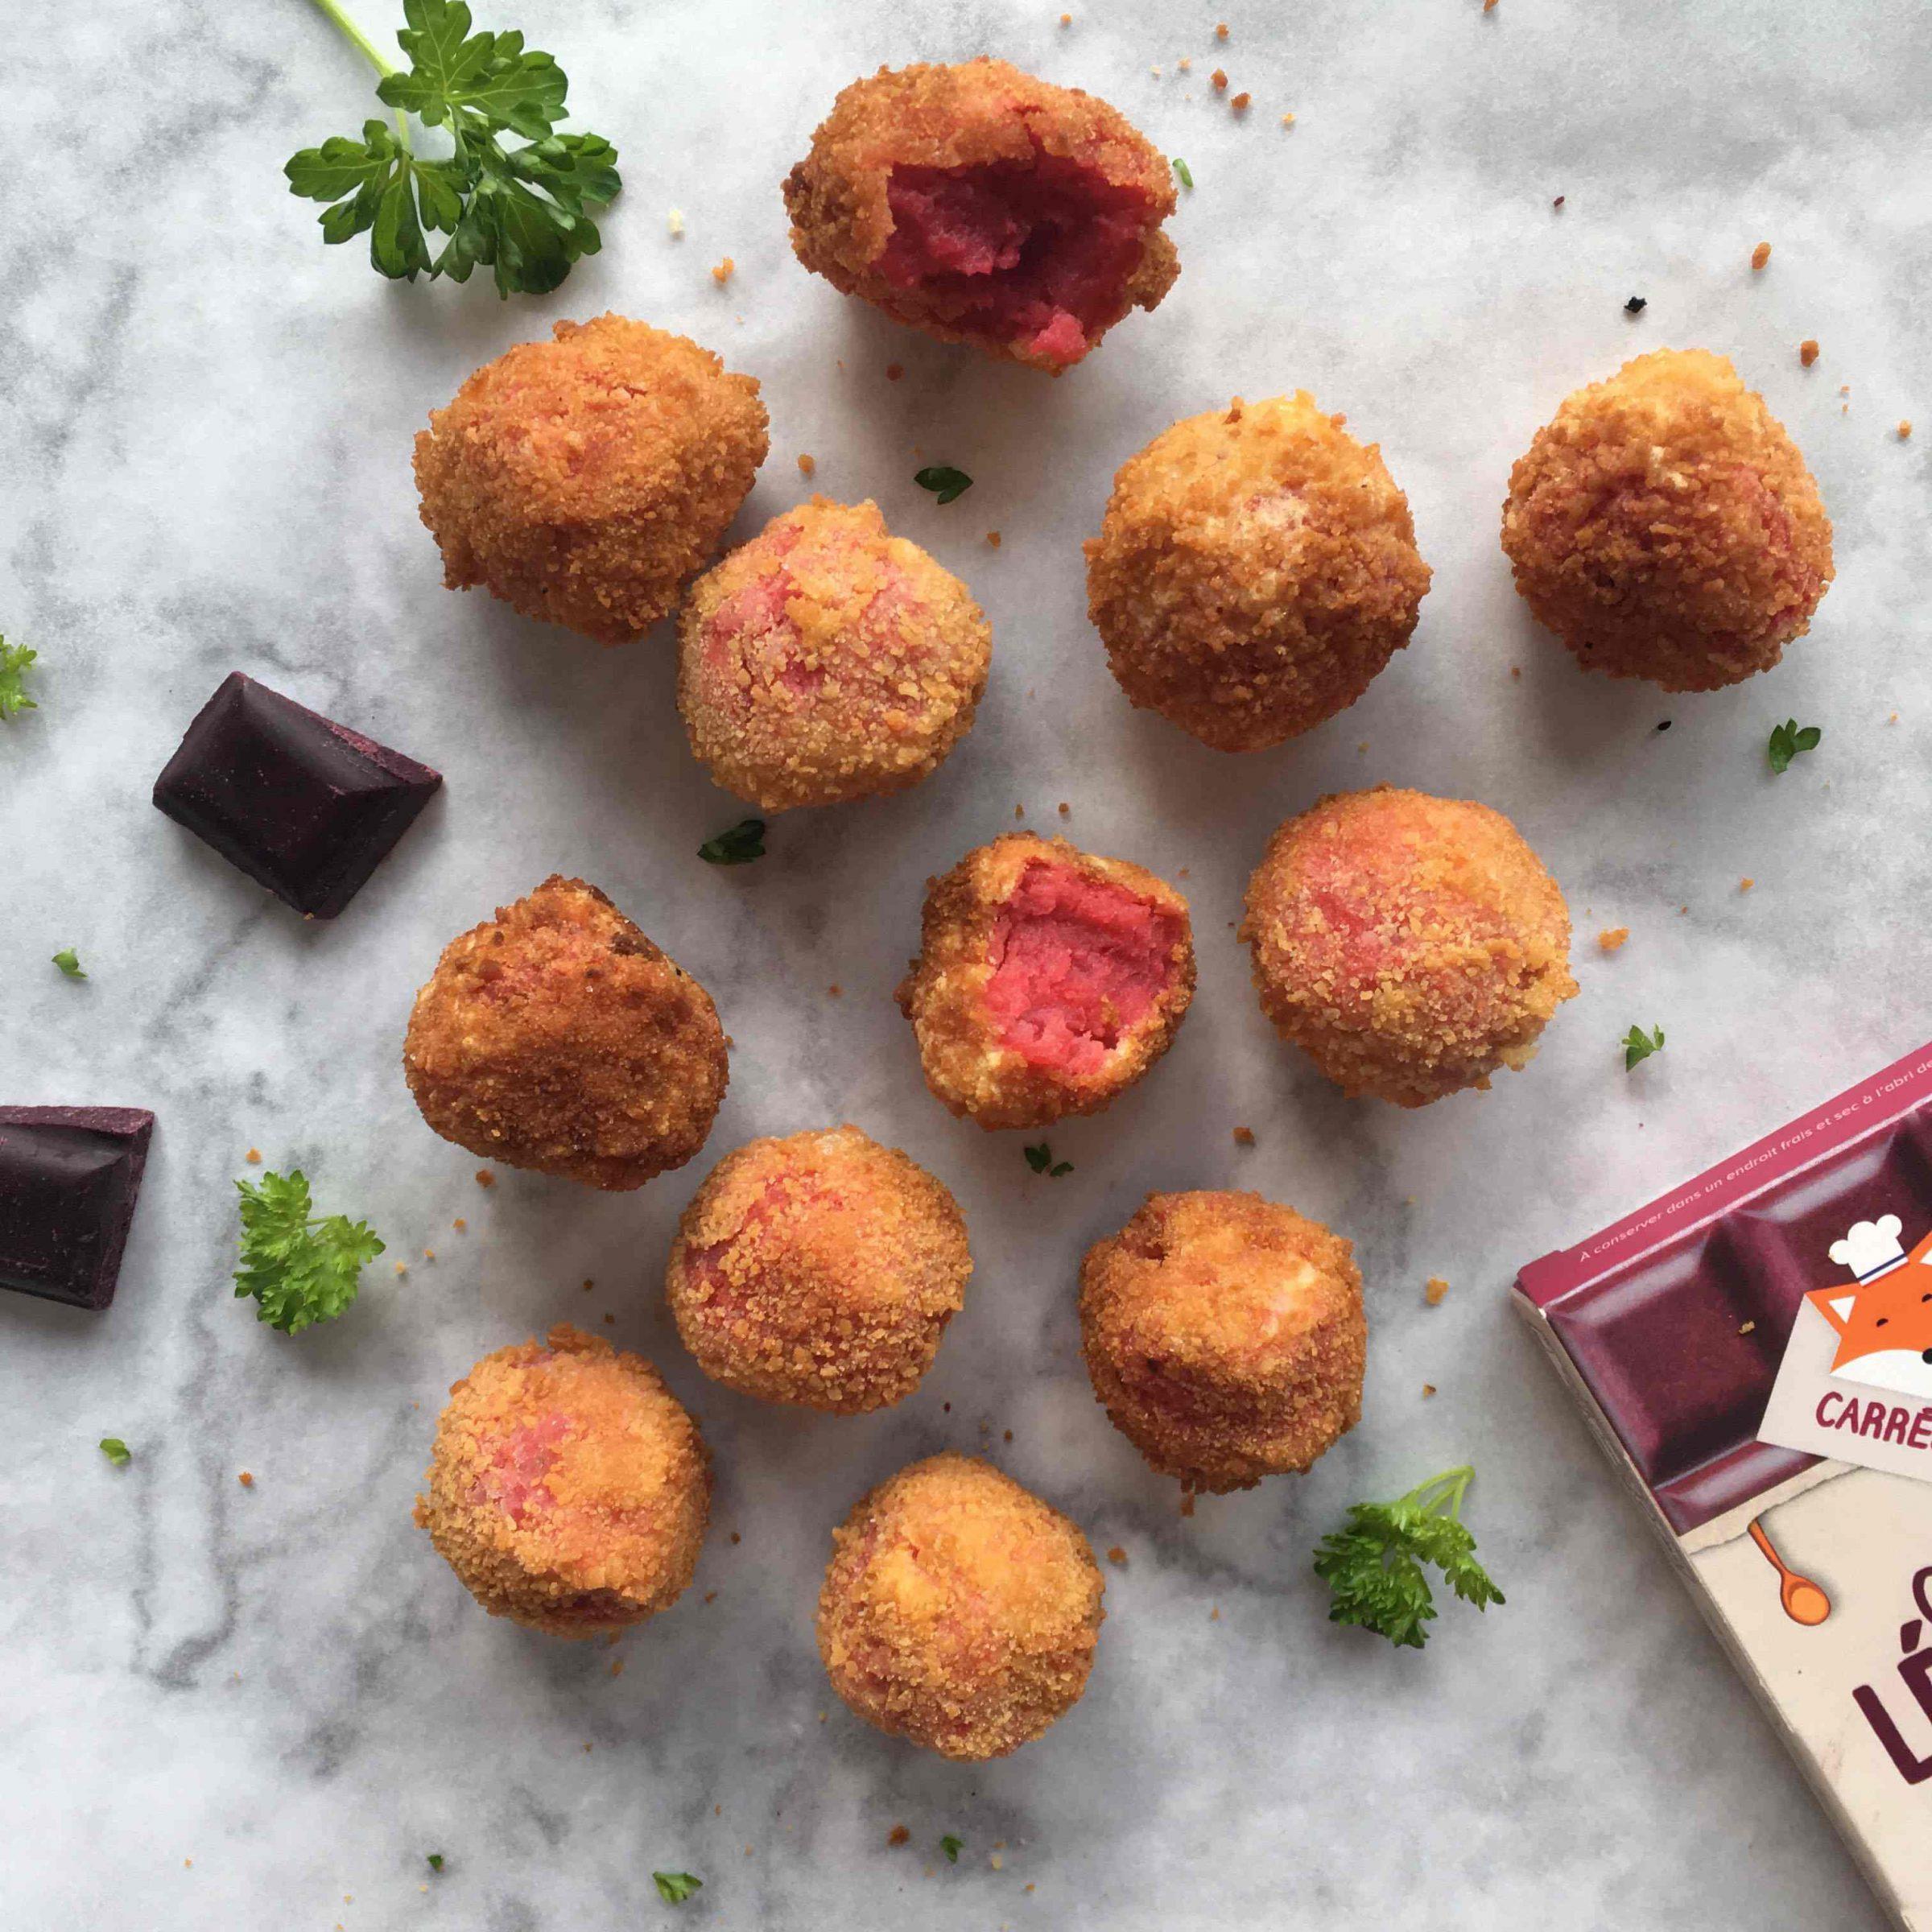 croquette-pomme-de-terre-betterave-recette-carres-futes